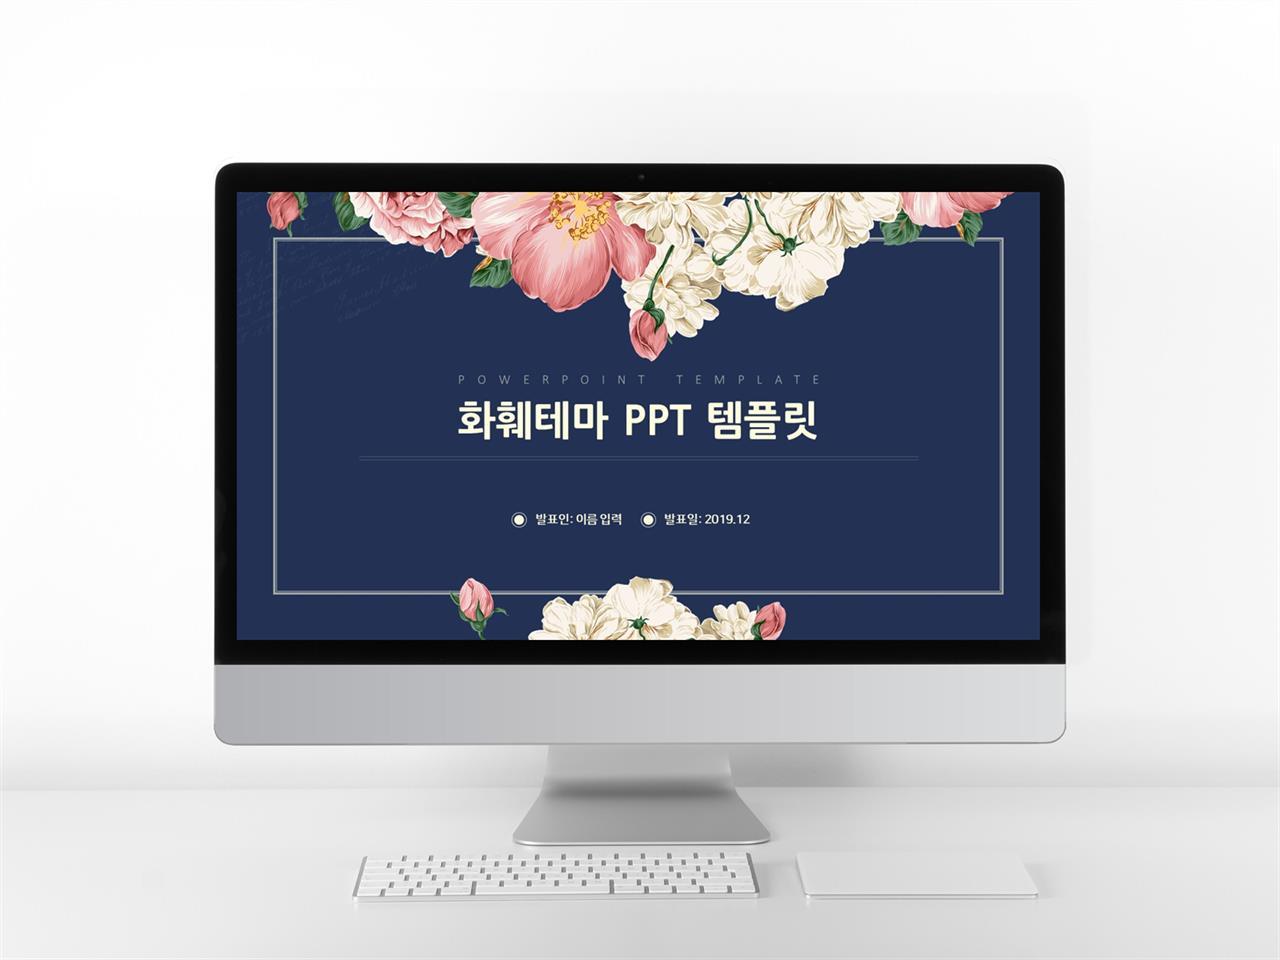 꽃과 동식물 주제 핑크색 짙은 시선을 사로잡는 POWERPOINT배경 만들기 미리보기